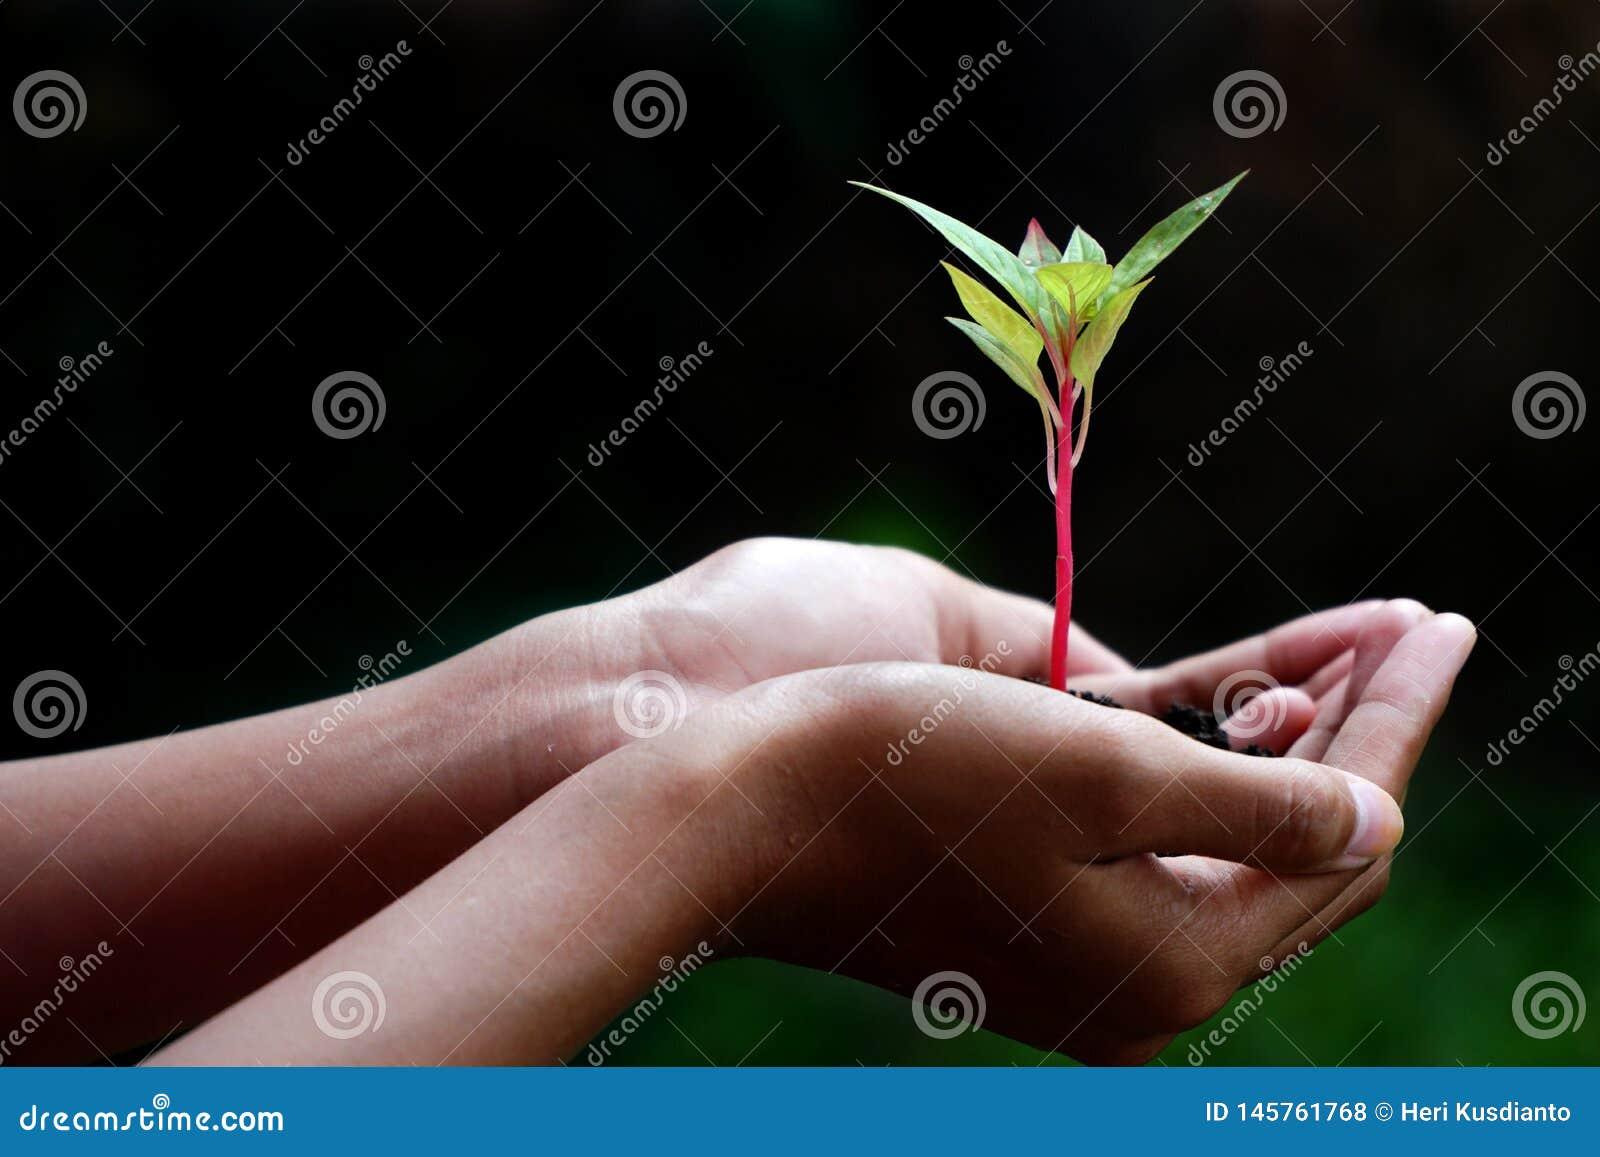 Εγκαταστάσεις στα χέρια, ανθρώπινες νέες εγκαταστάσεις εκμετάλλευσης χεριών